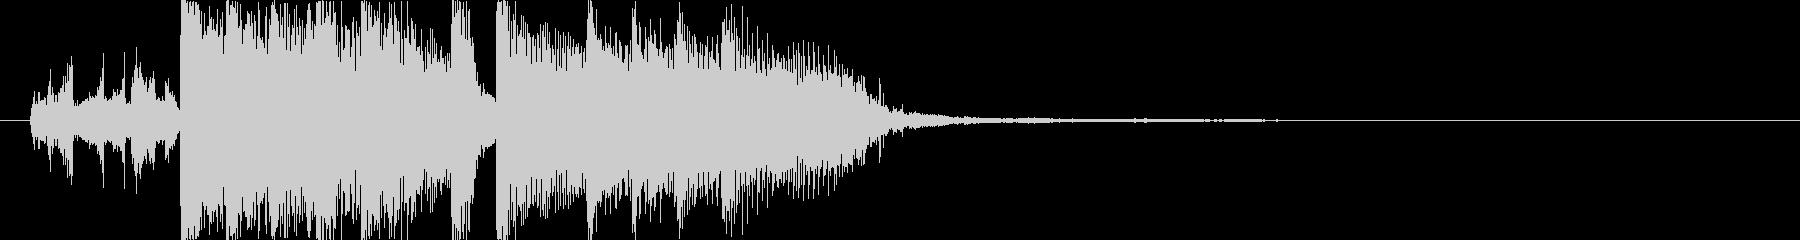 さわやかなラジオのジングル風楽曲の未再生の波形